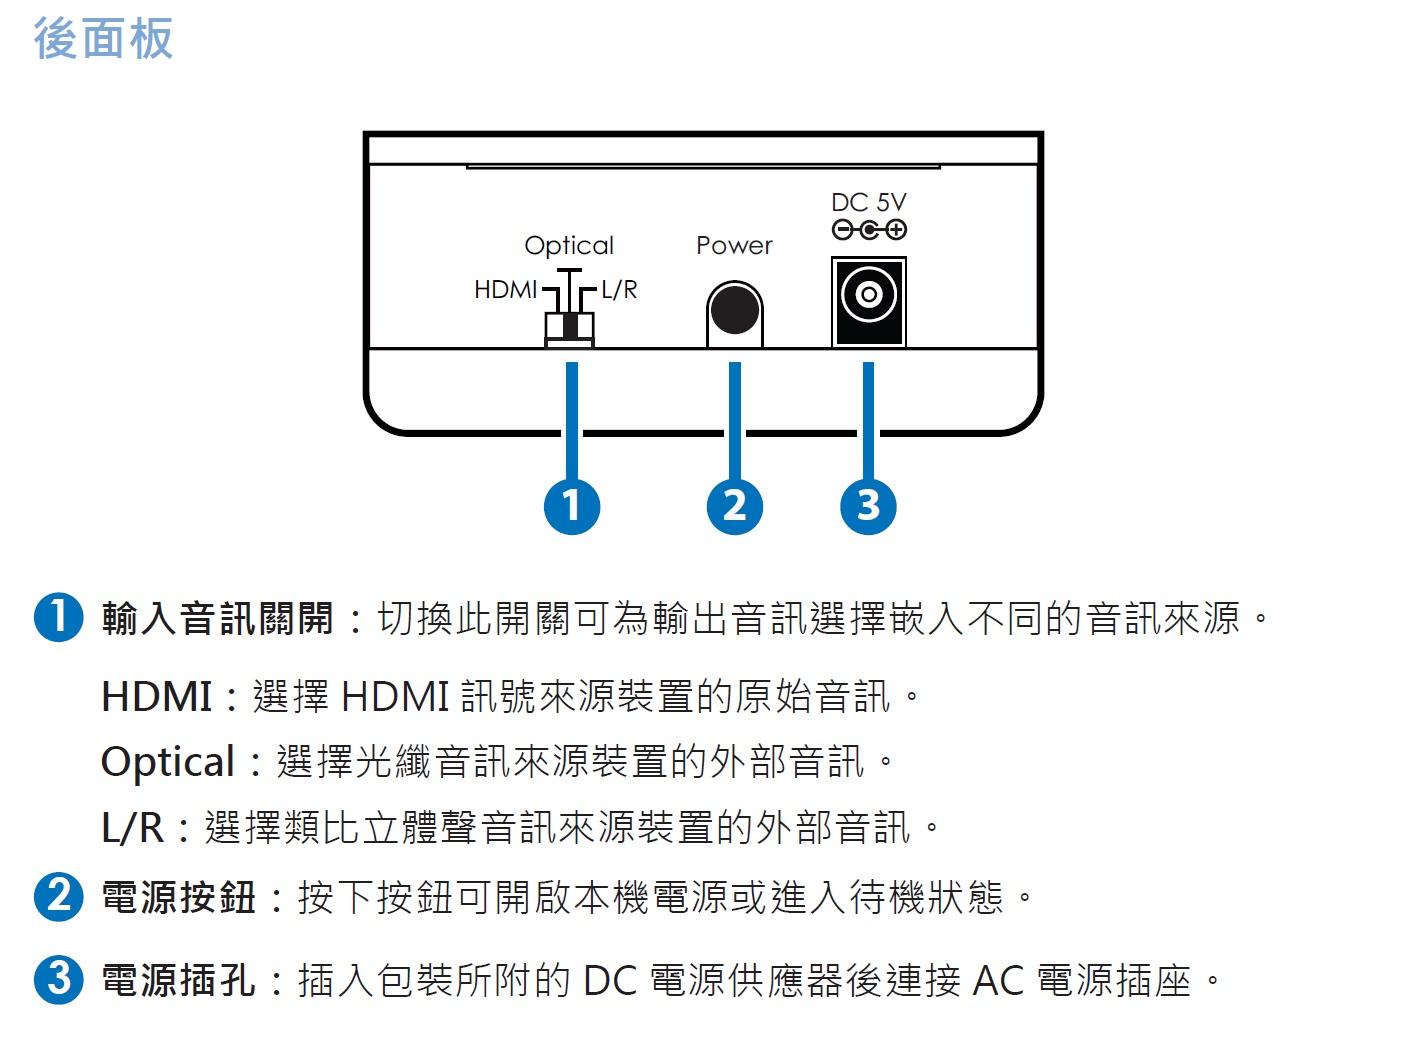 系统需求 桌上型或笔记型电脑,dvd 或蓝光播放机等